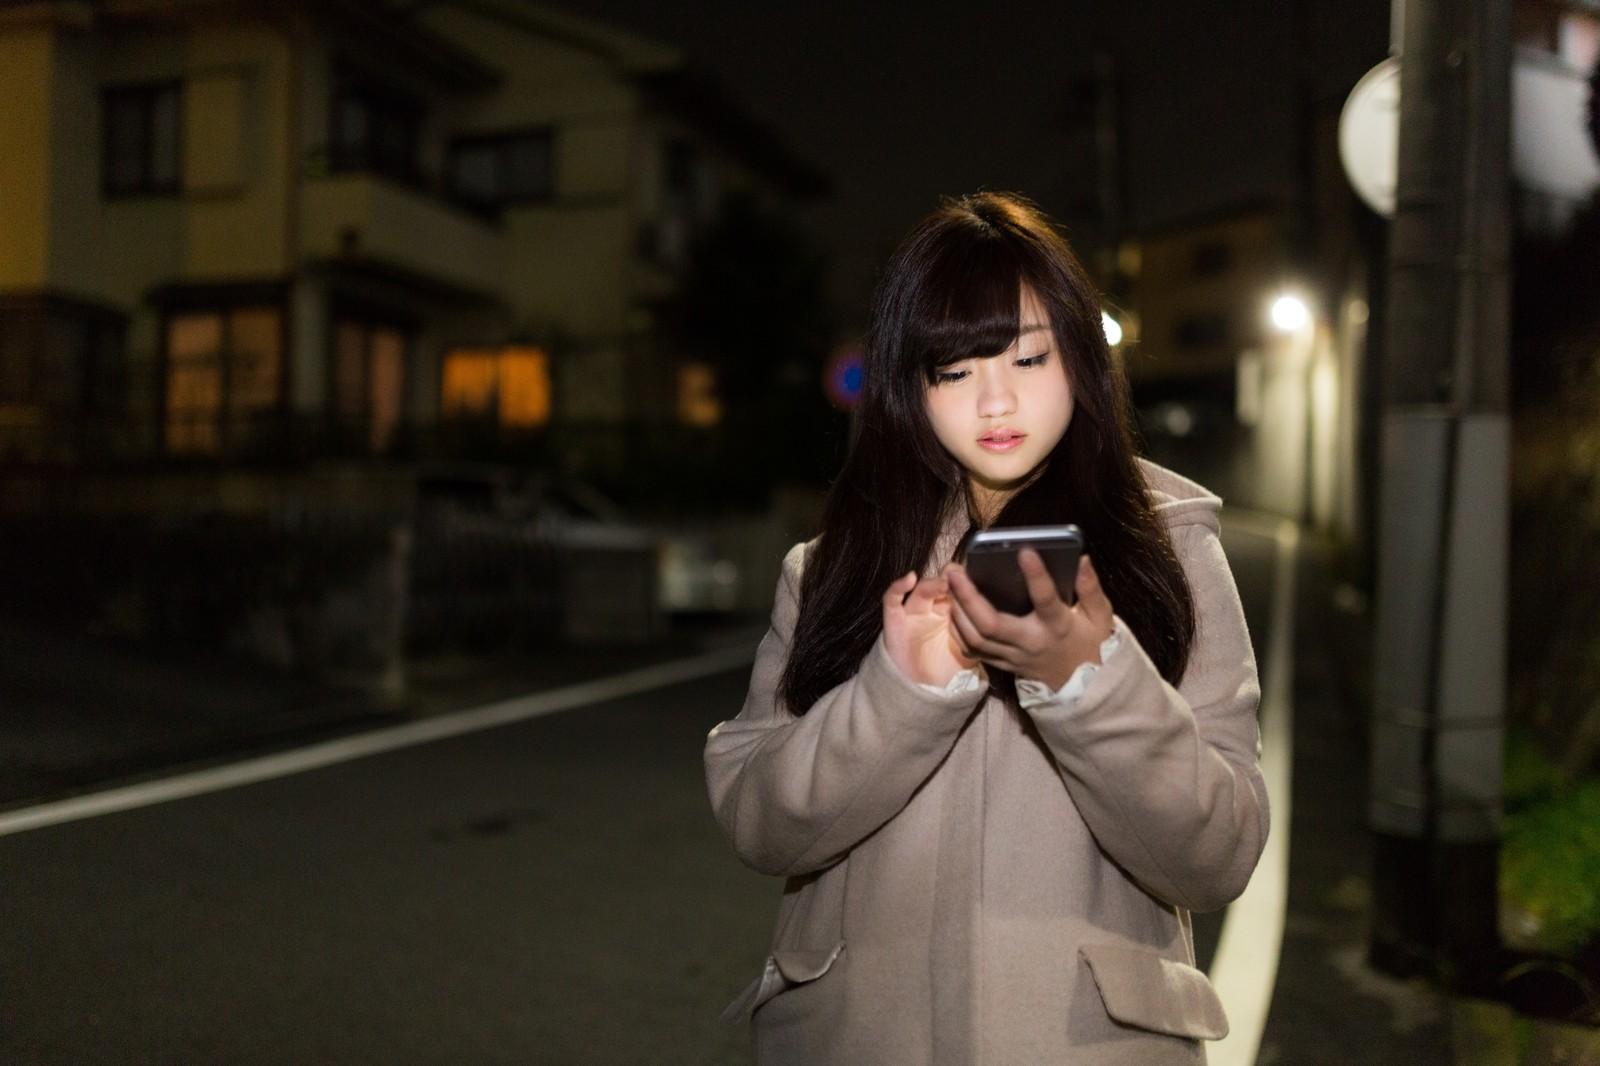 歩きスマホをする女性の写真